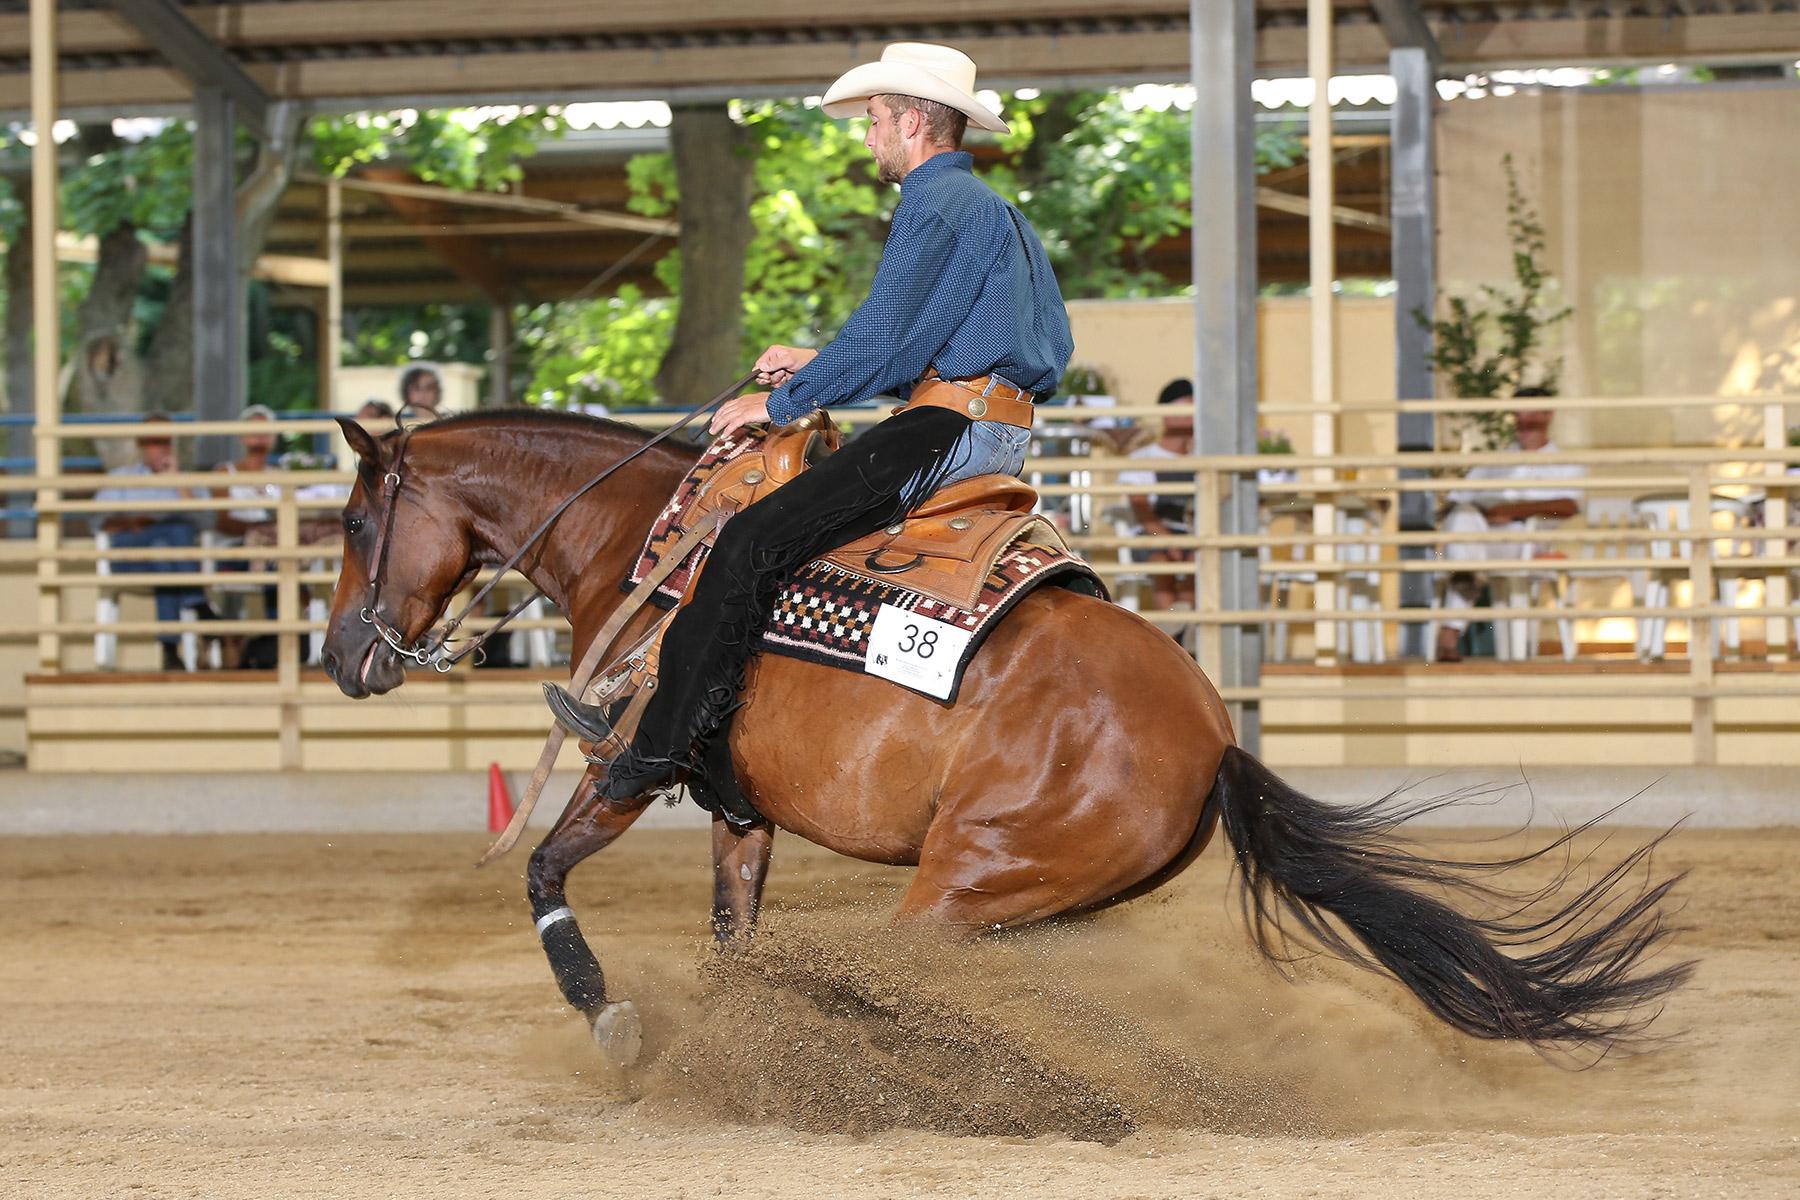 Reini Hochreiter qualifizierte sich mit drei Pferden des Gut Fronleitenhofs für die EM. Hier mit DU Kharousel. Foto: CK Photographics